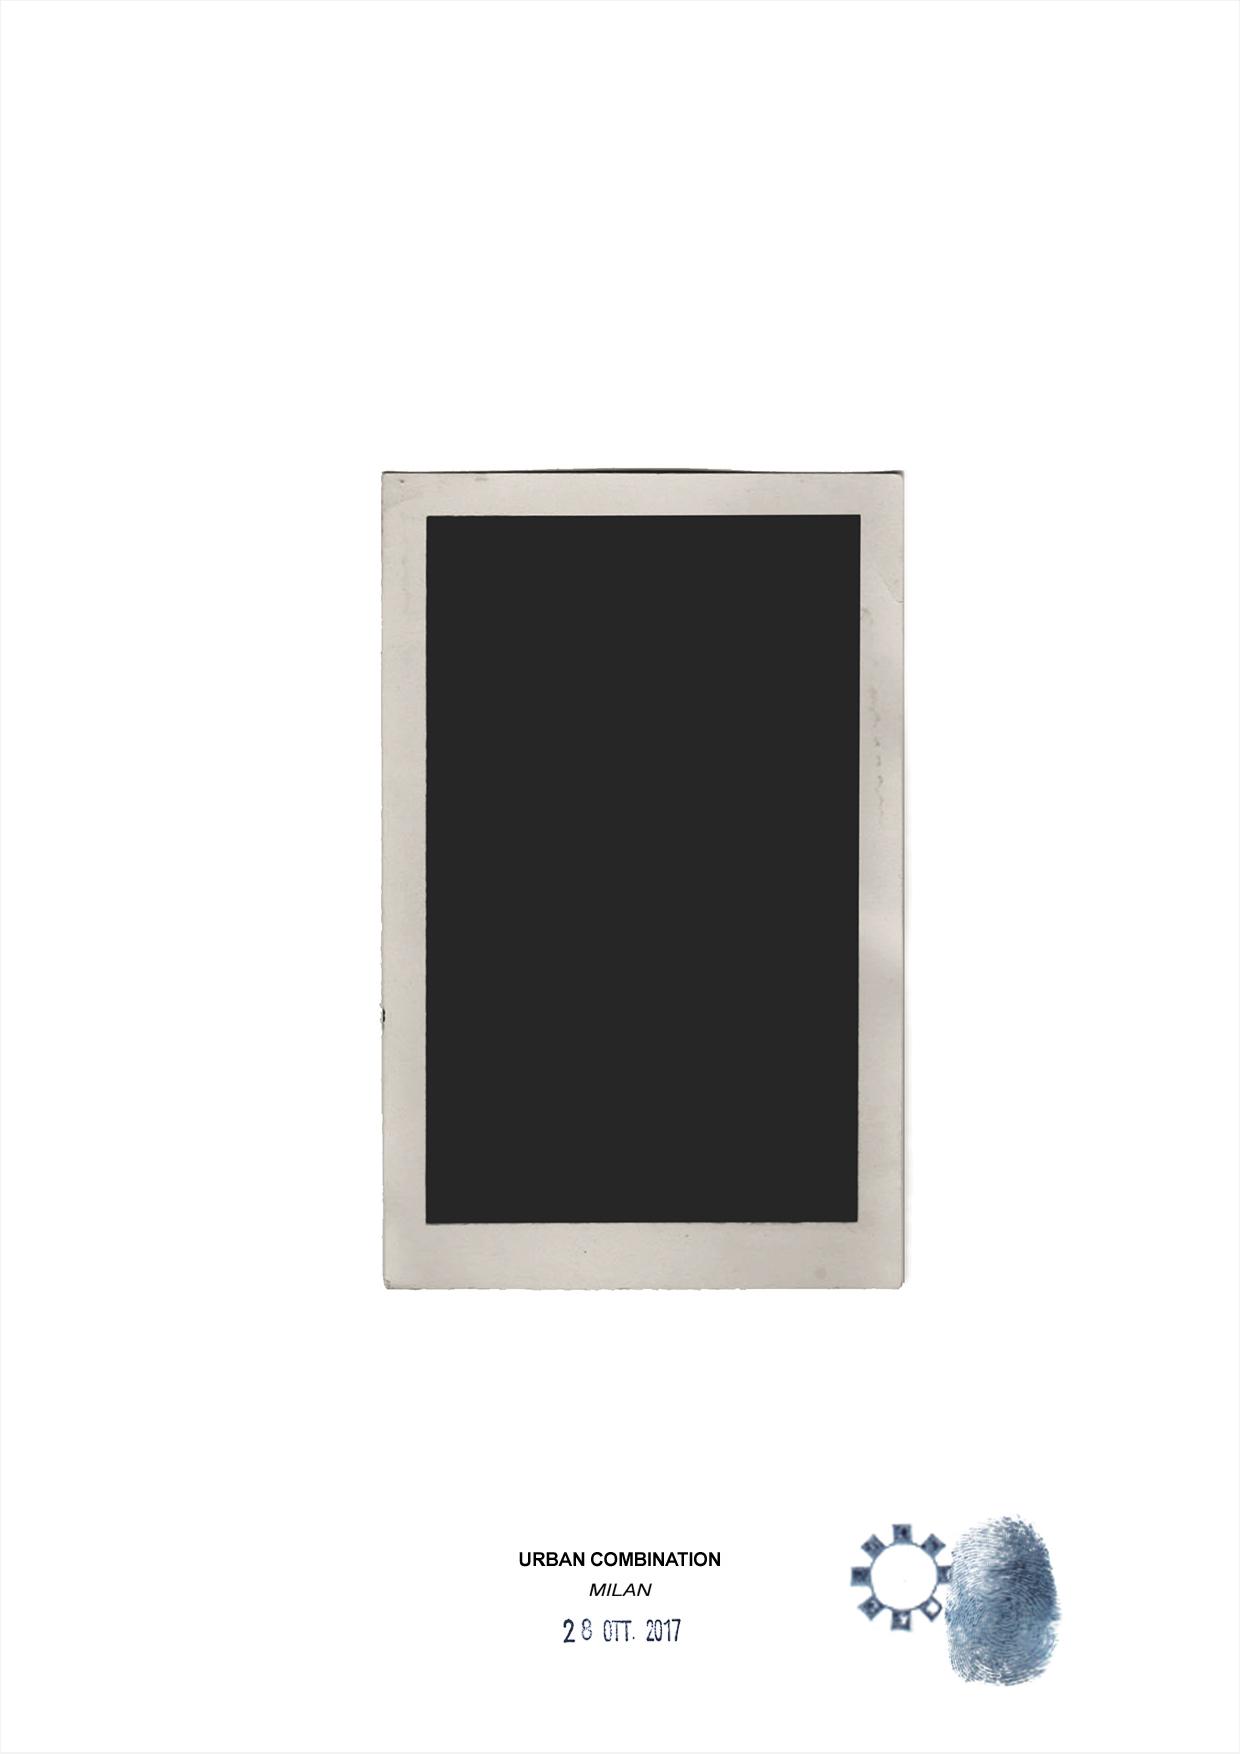 Arte contemporanea dell'artista Maurizio Di Feo. Combinazione in studio con vecchia fotografia dipinta in acrilico. Milano.